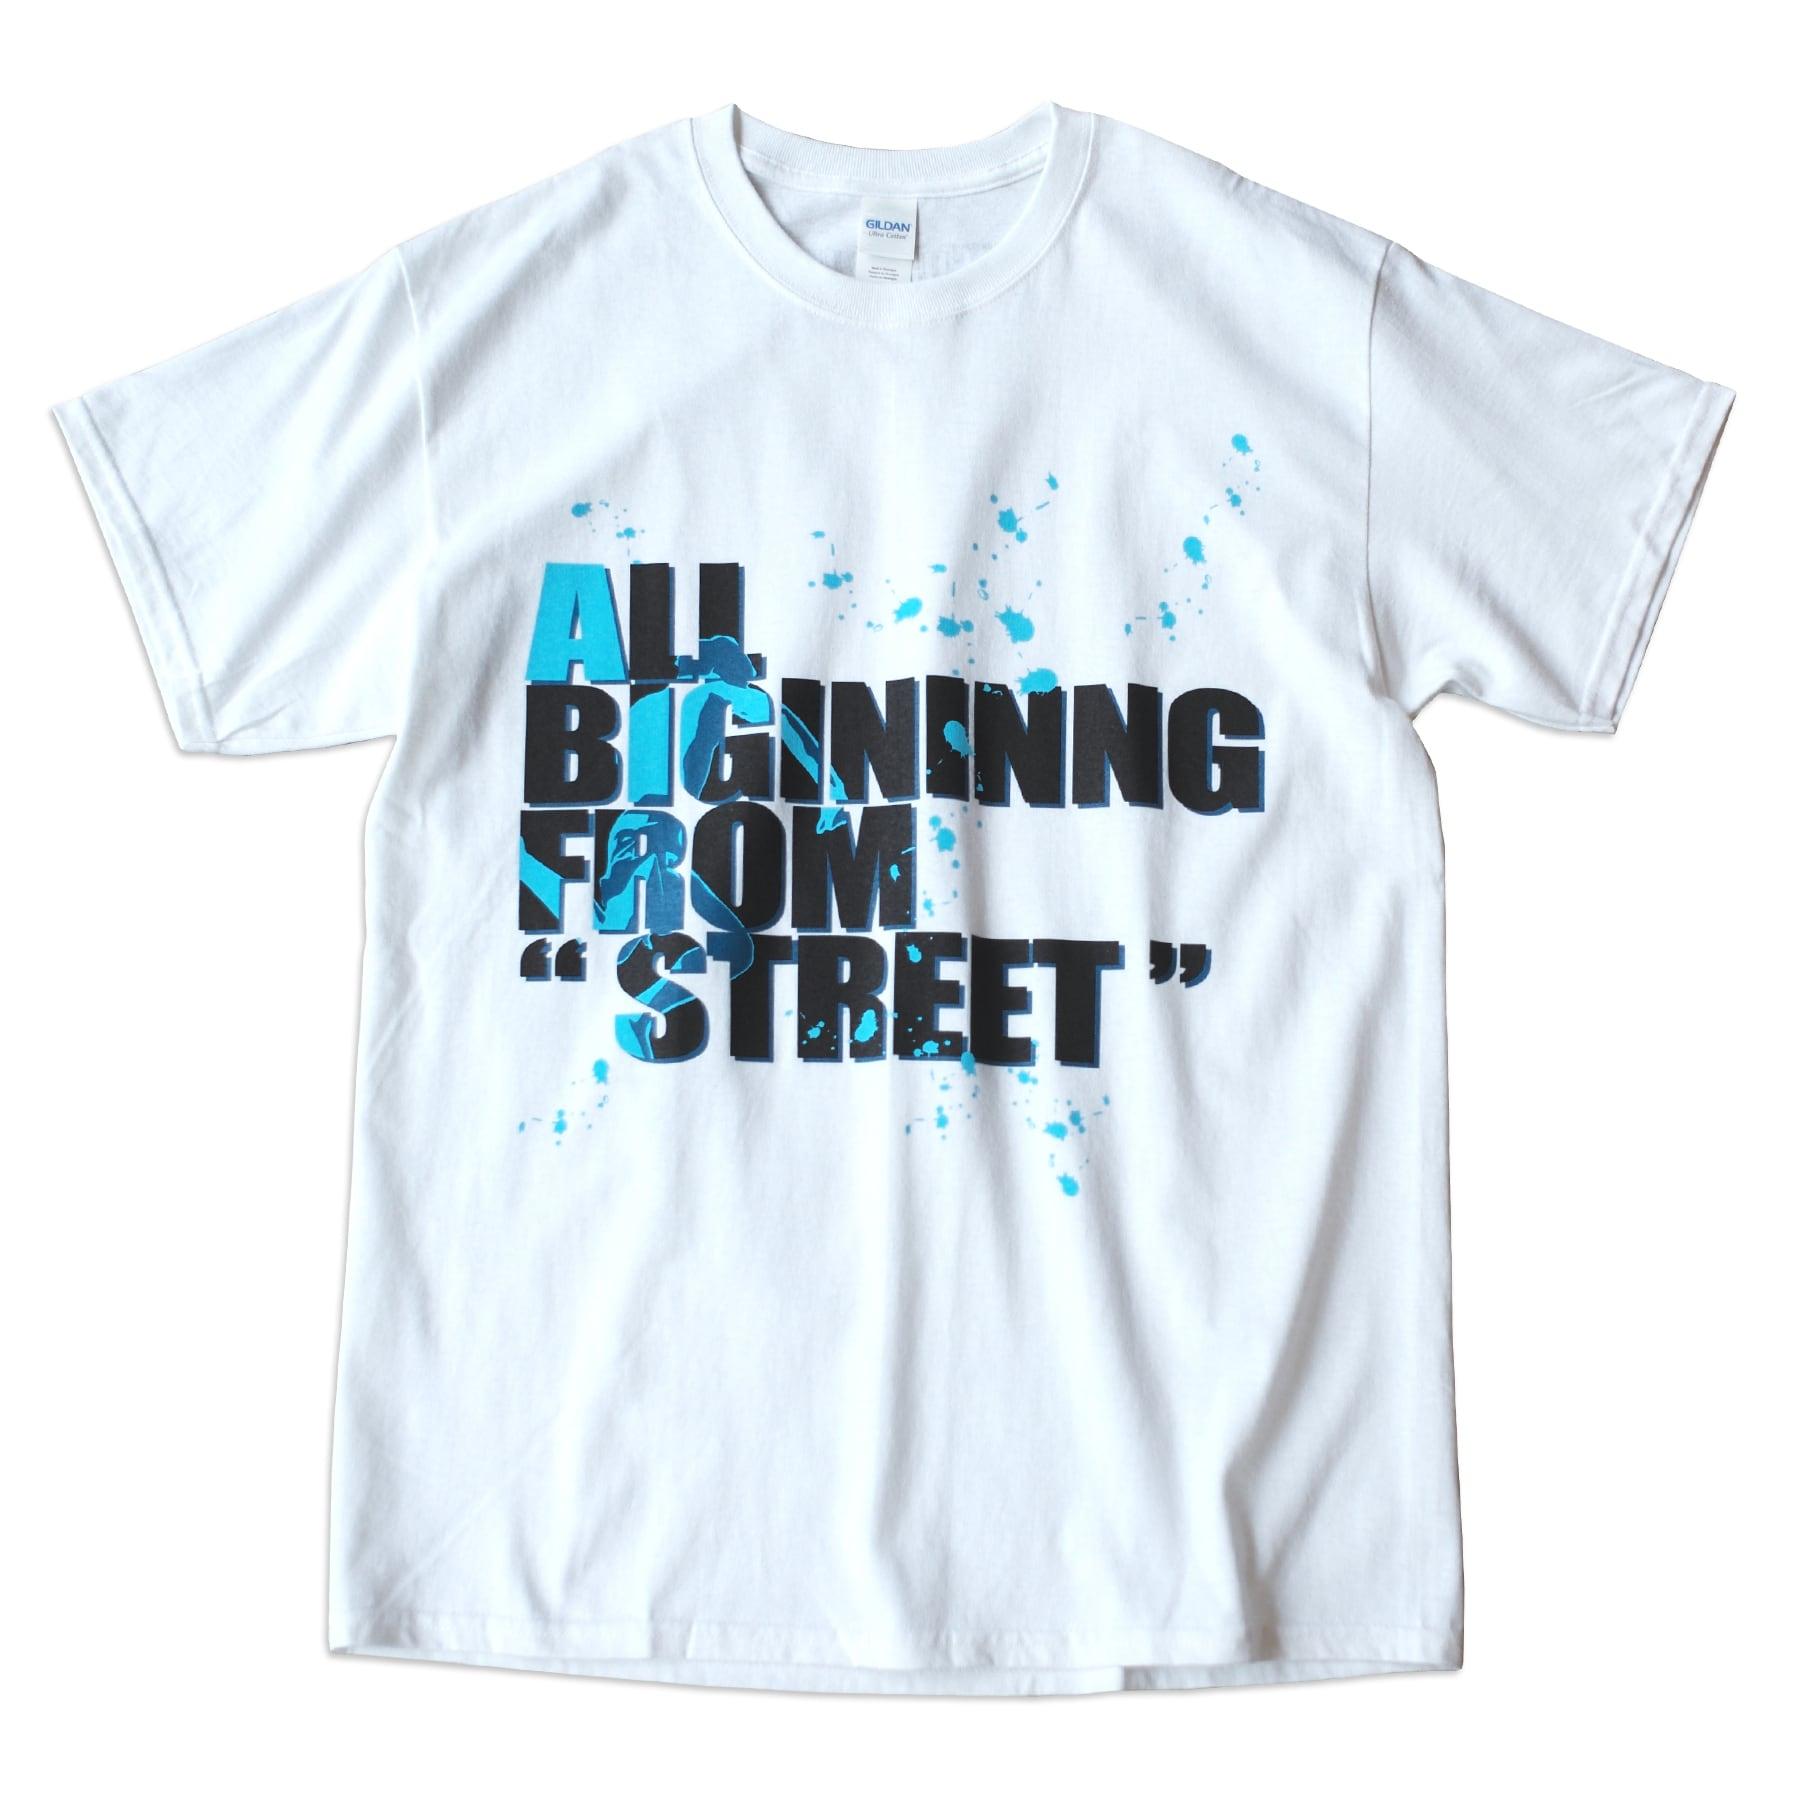 応援Tシャツ.TS01 White